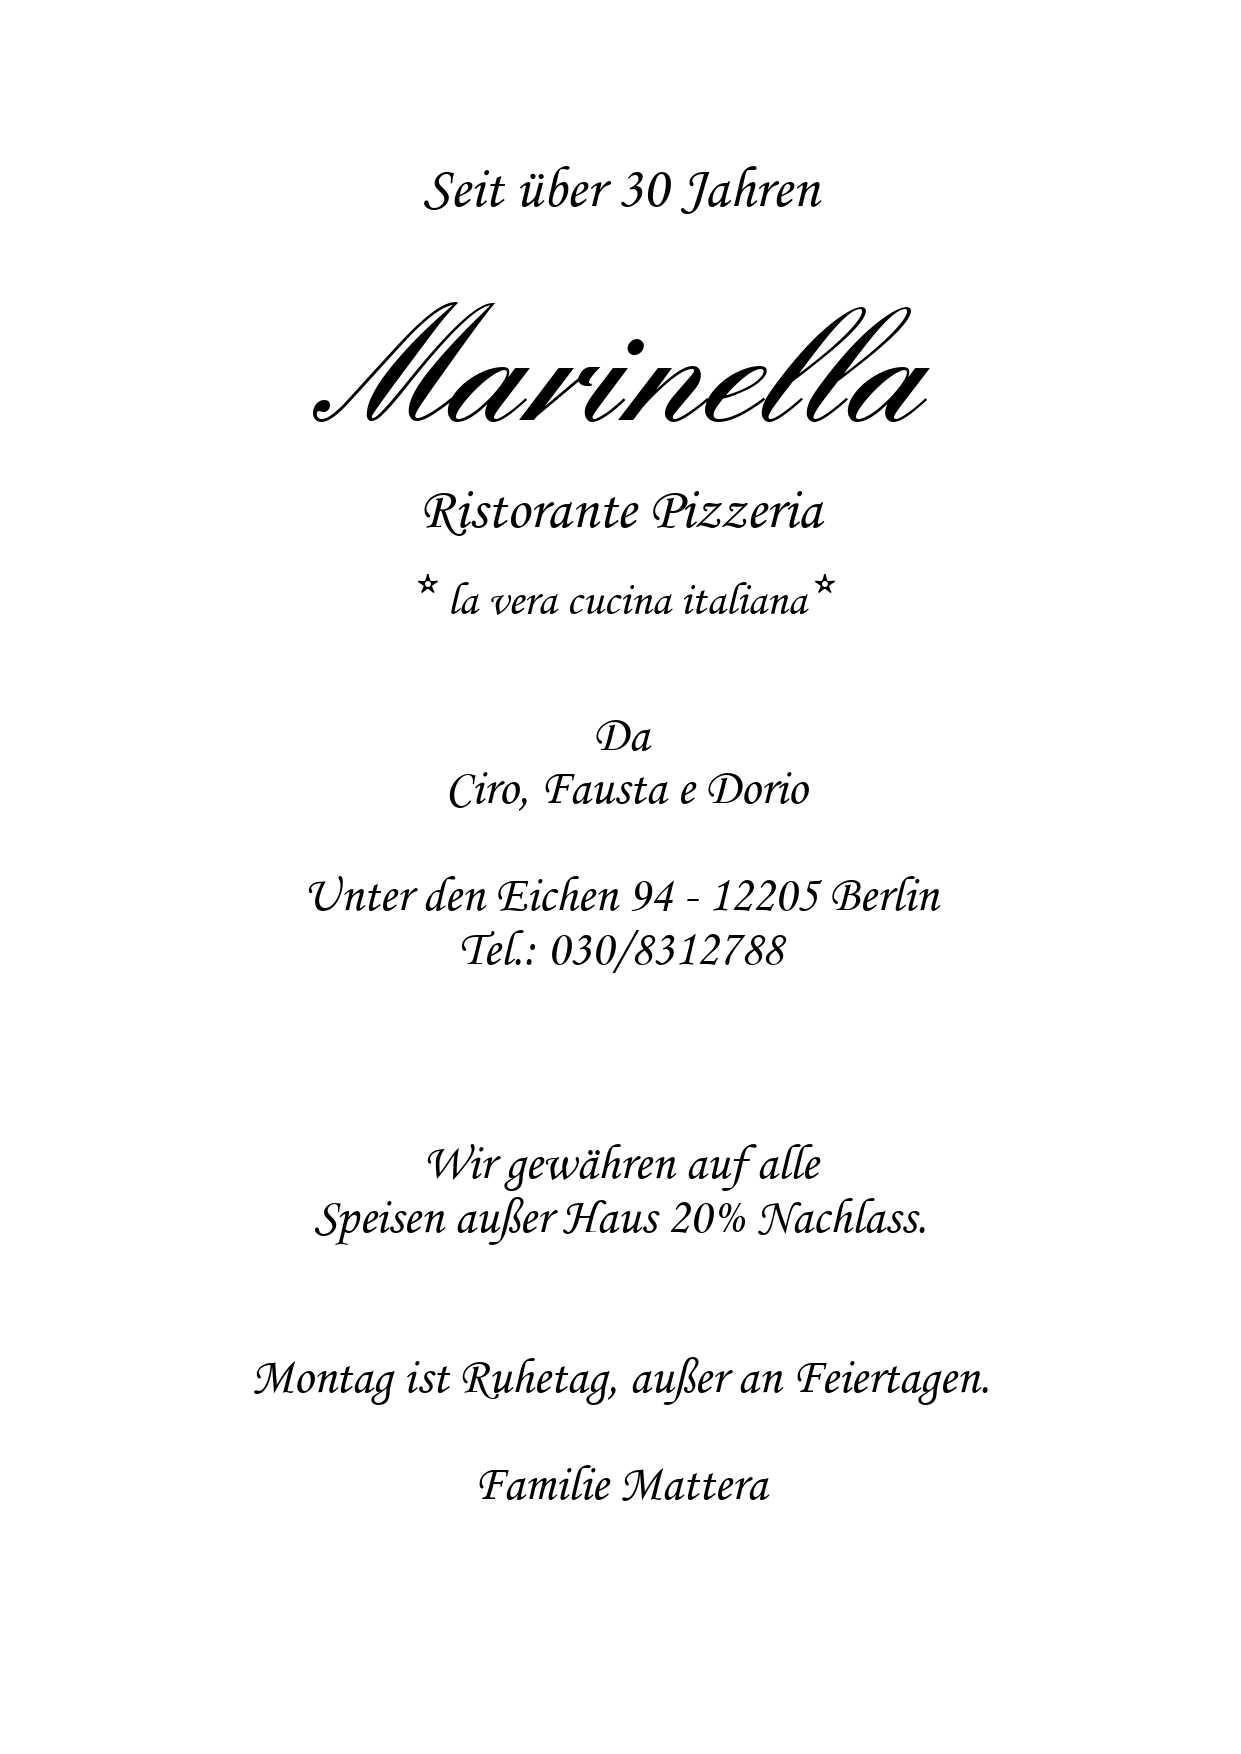 2019 Marinella Karte (ohne Nummern)_pages-to-jpg-0001